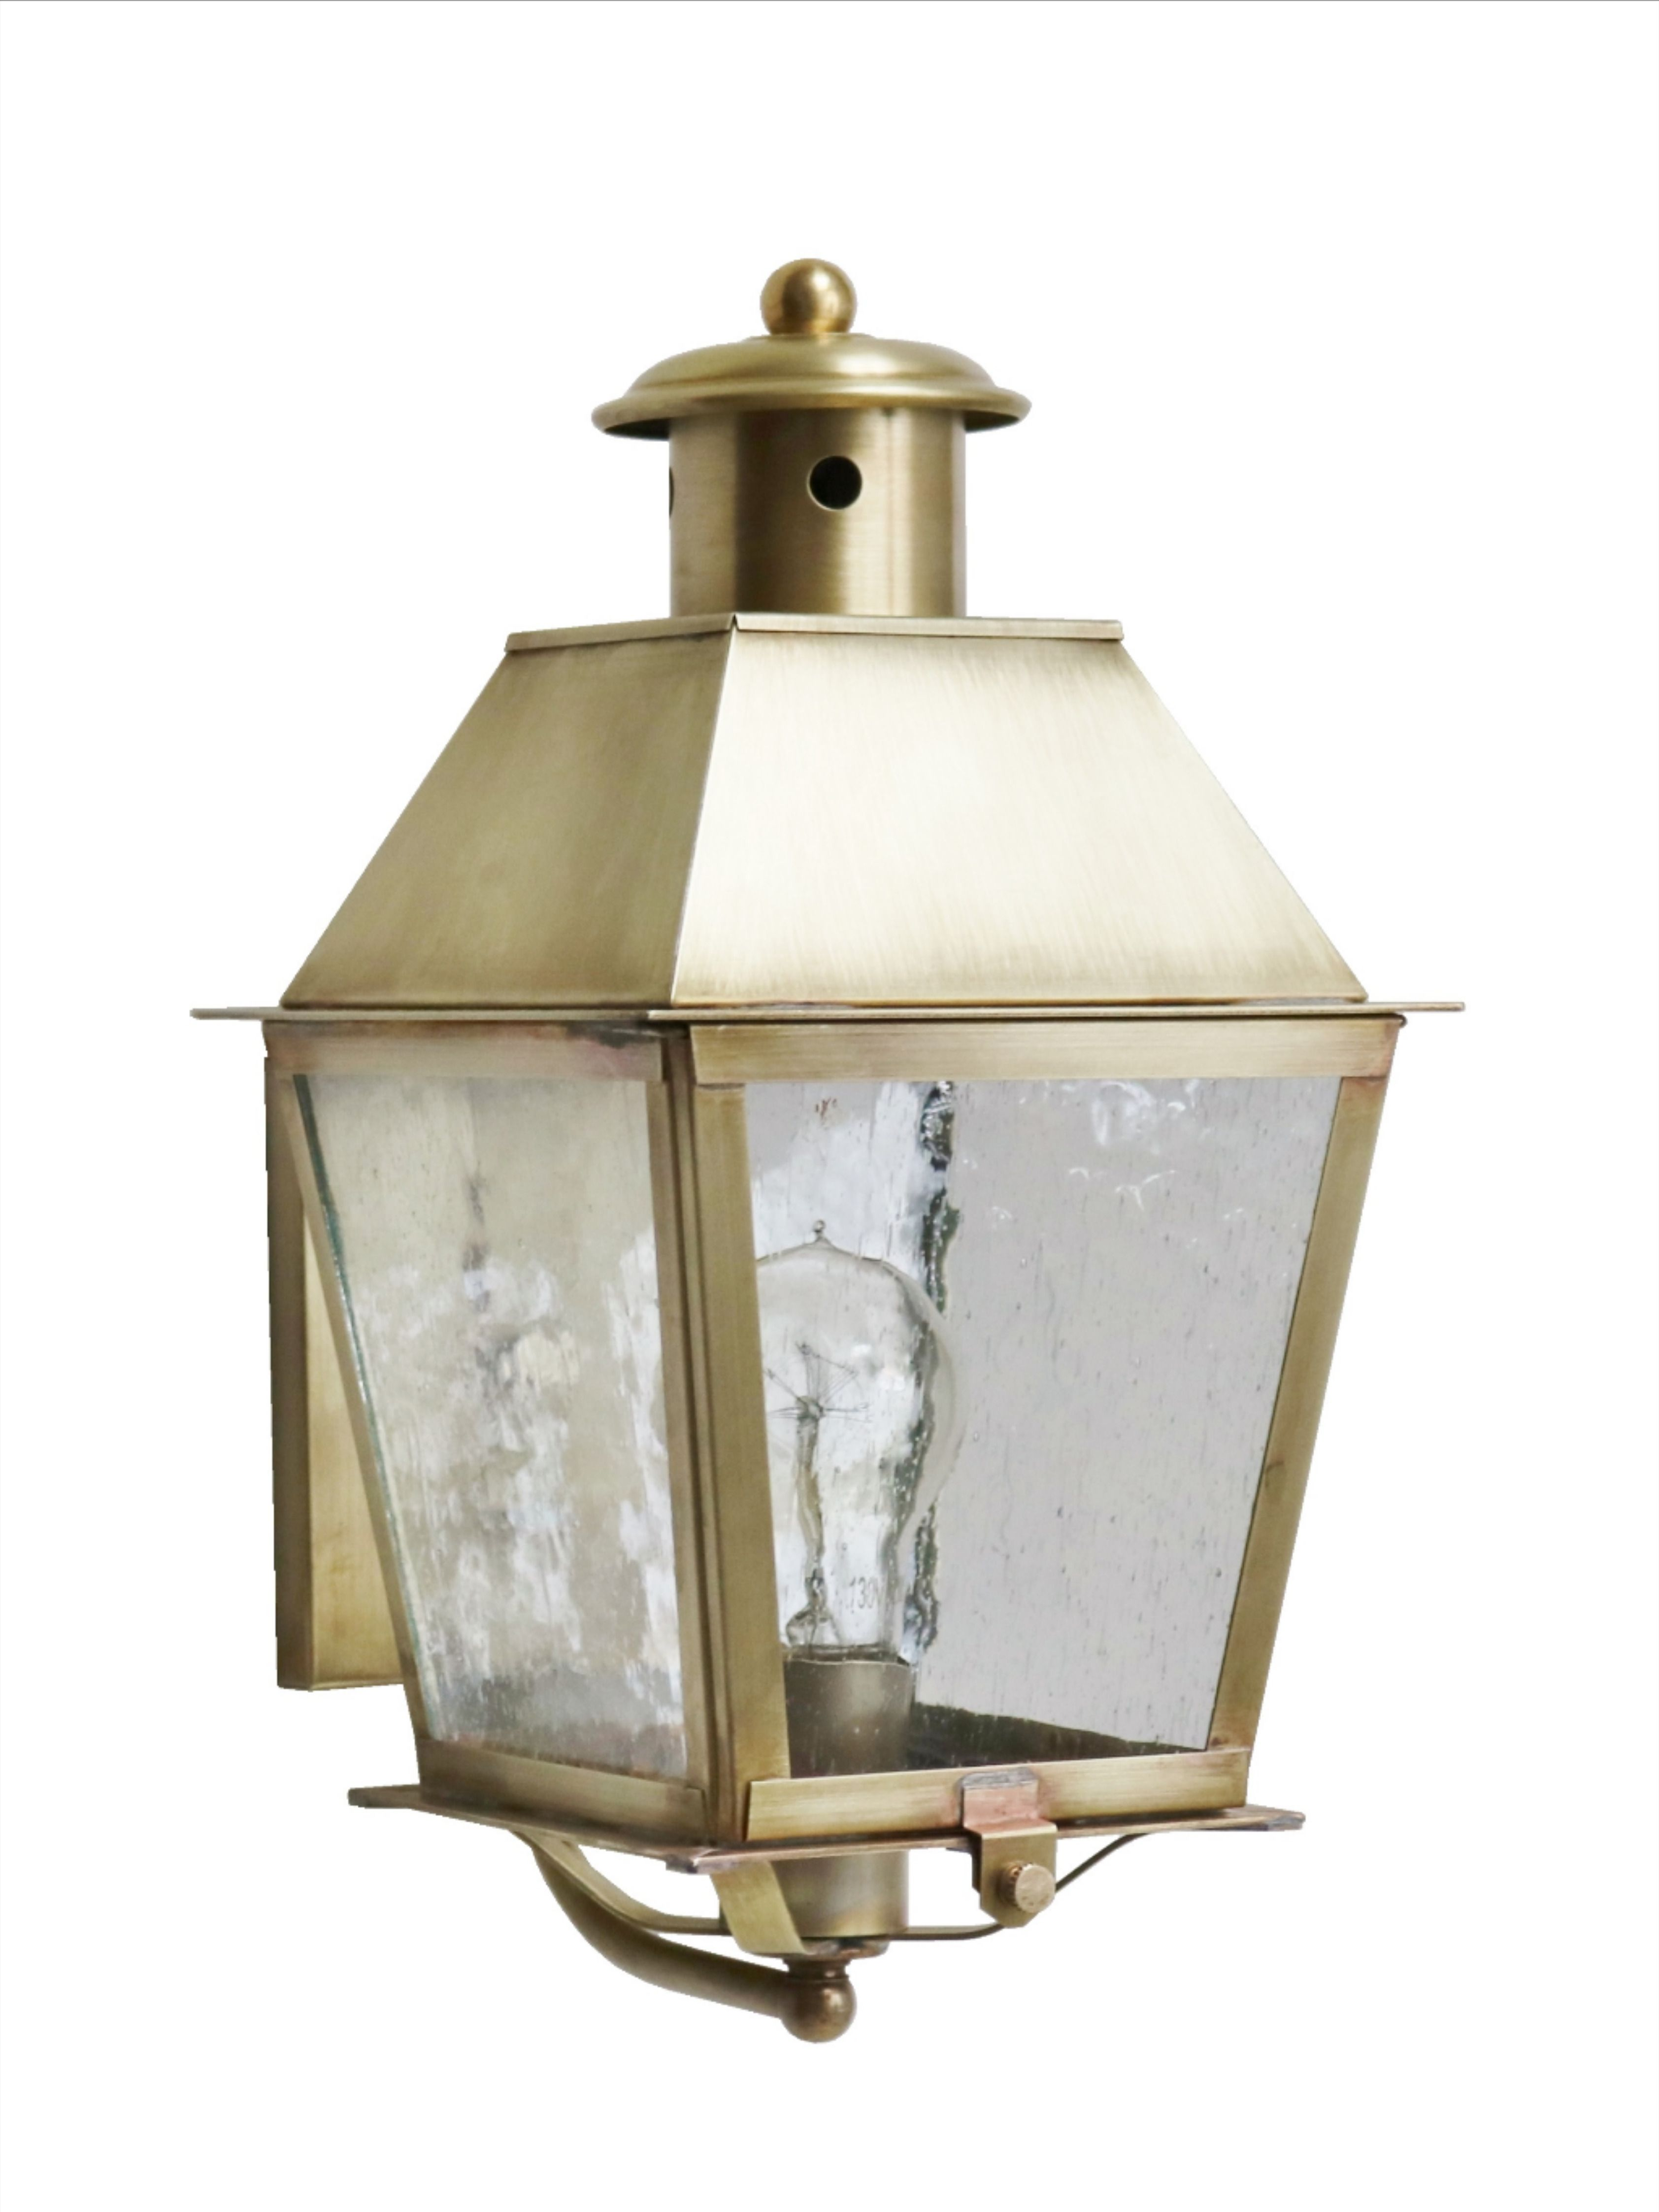 Brass Traditions 731 Bt In 2020 Porch Lighting Wall Lantern Brass Lighting